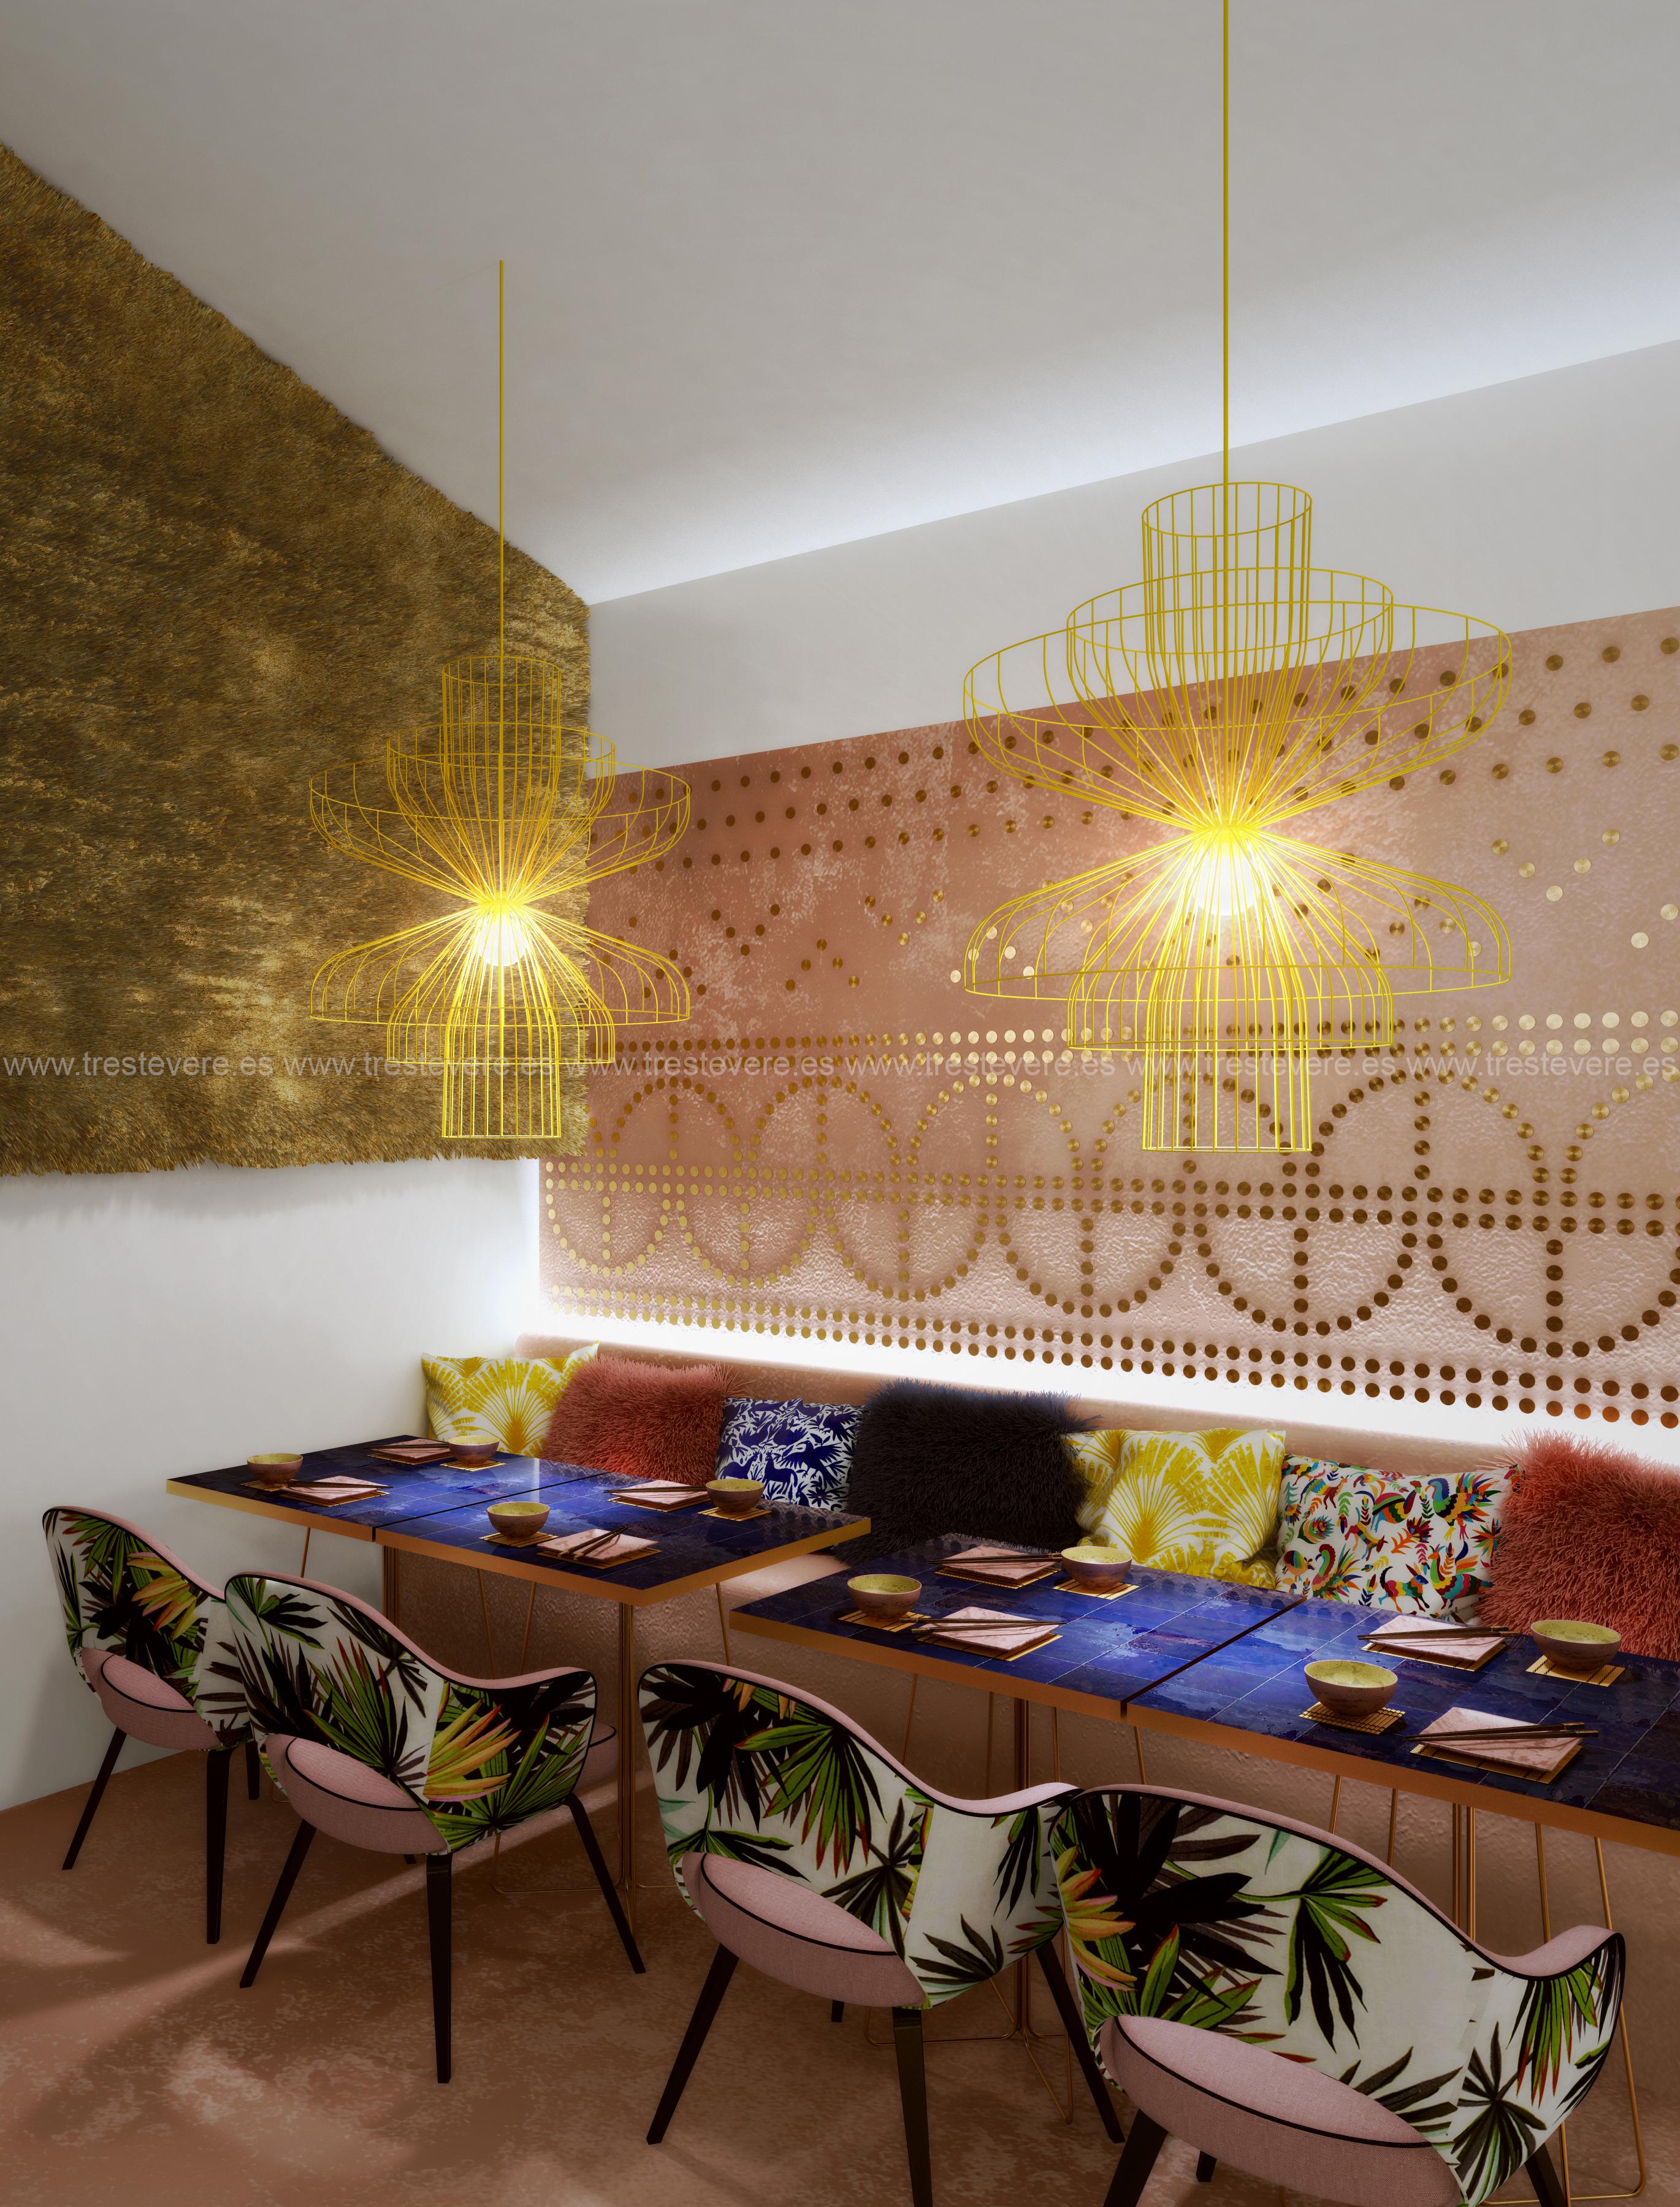 restaurante-nomada-02